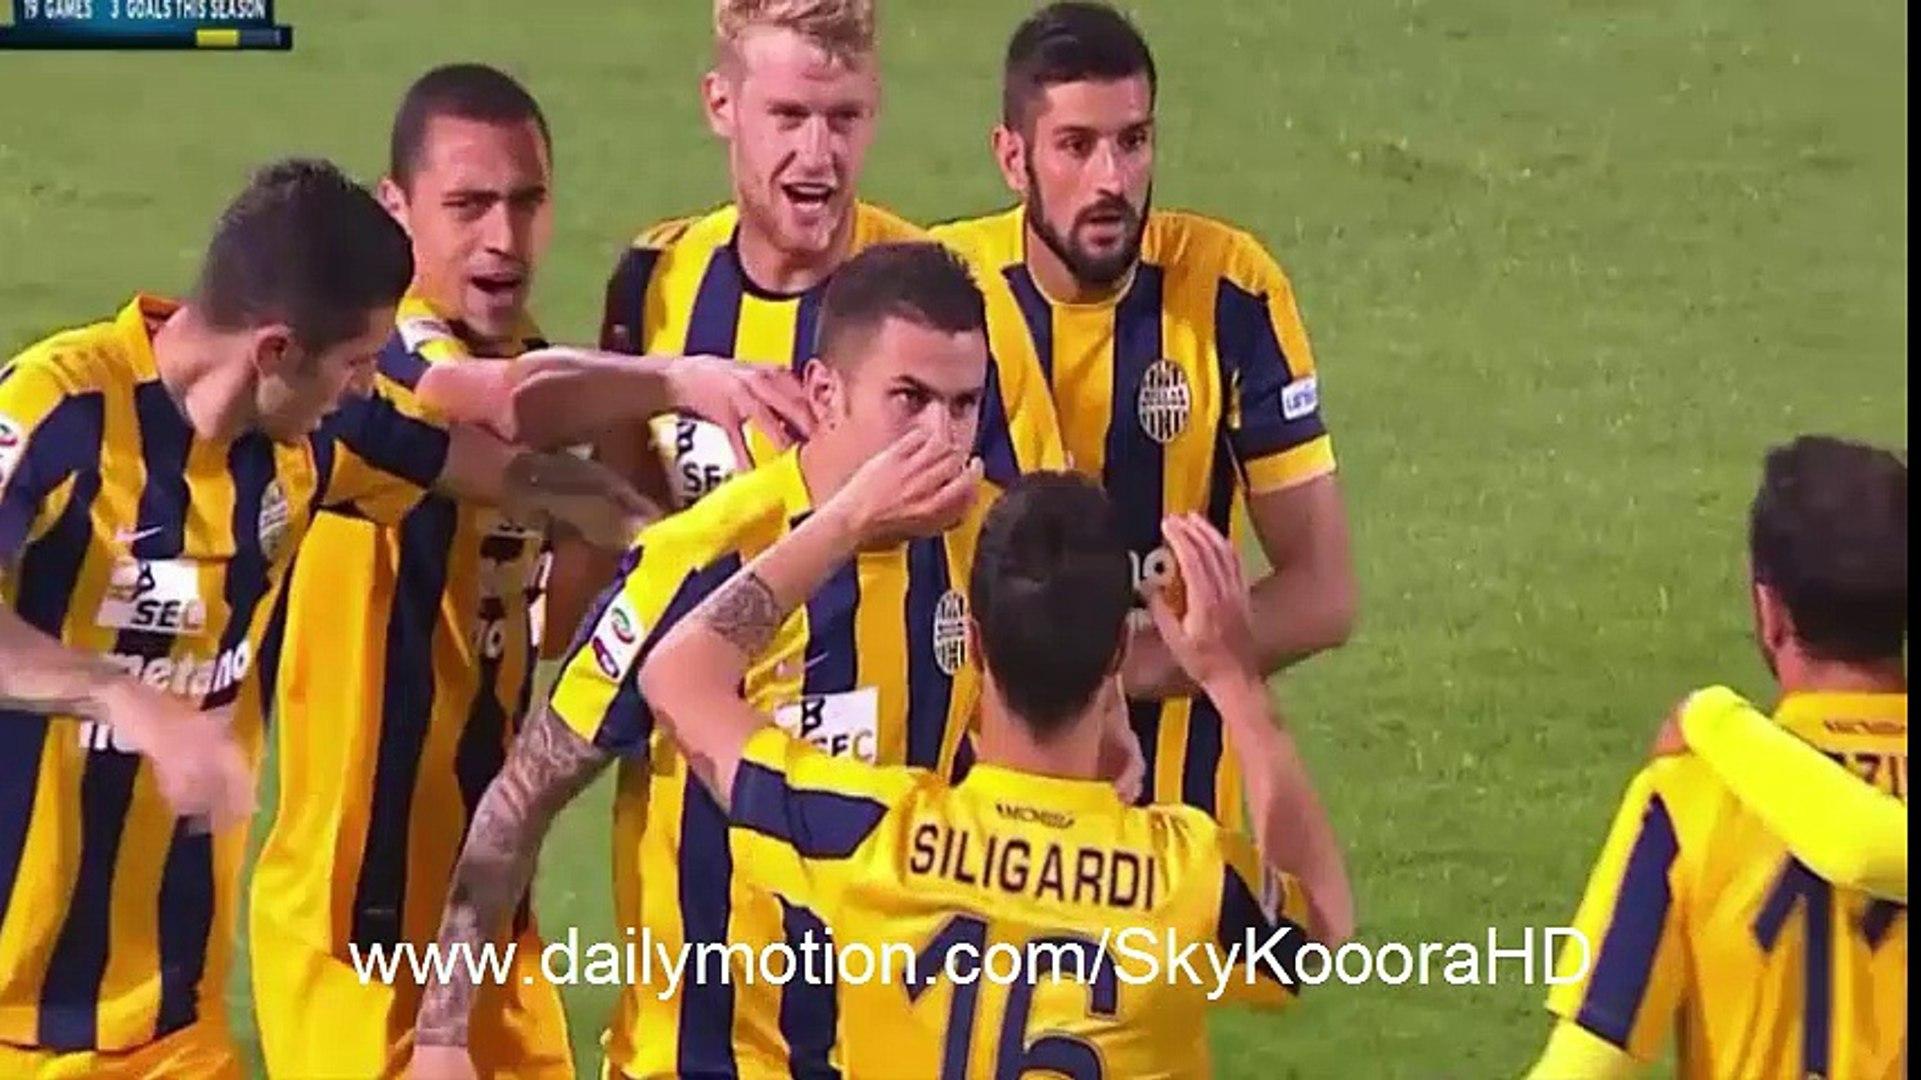 U.S. Citta di Palermo 3-2 Hellas Verona FC - All Goals HD (15-5-2016) - Serie A